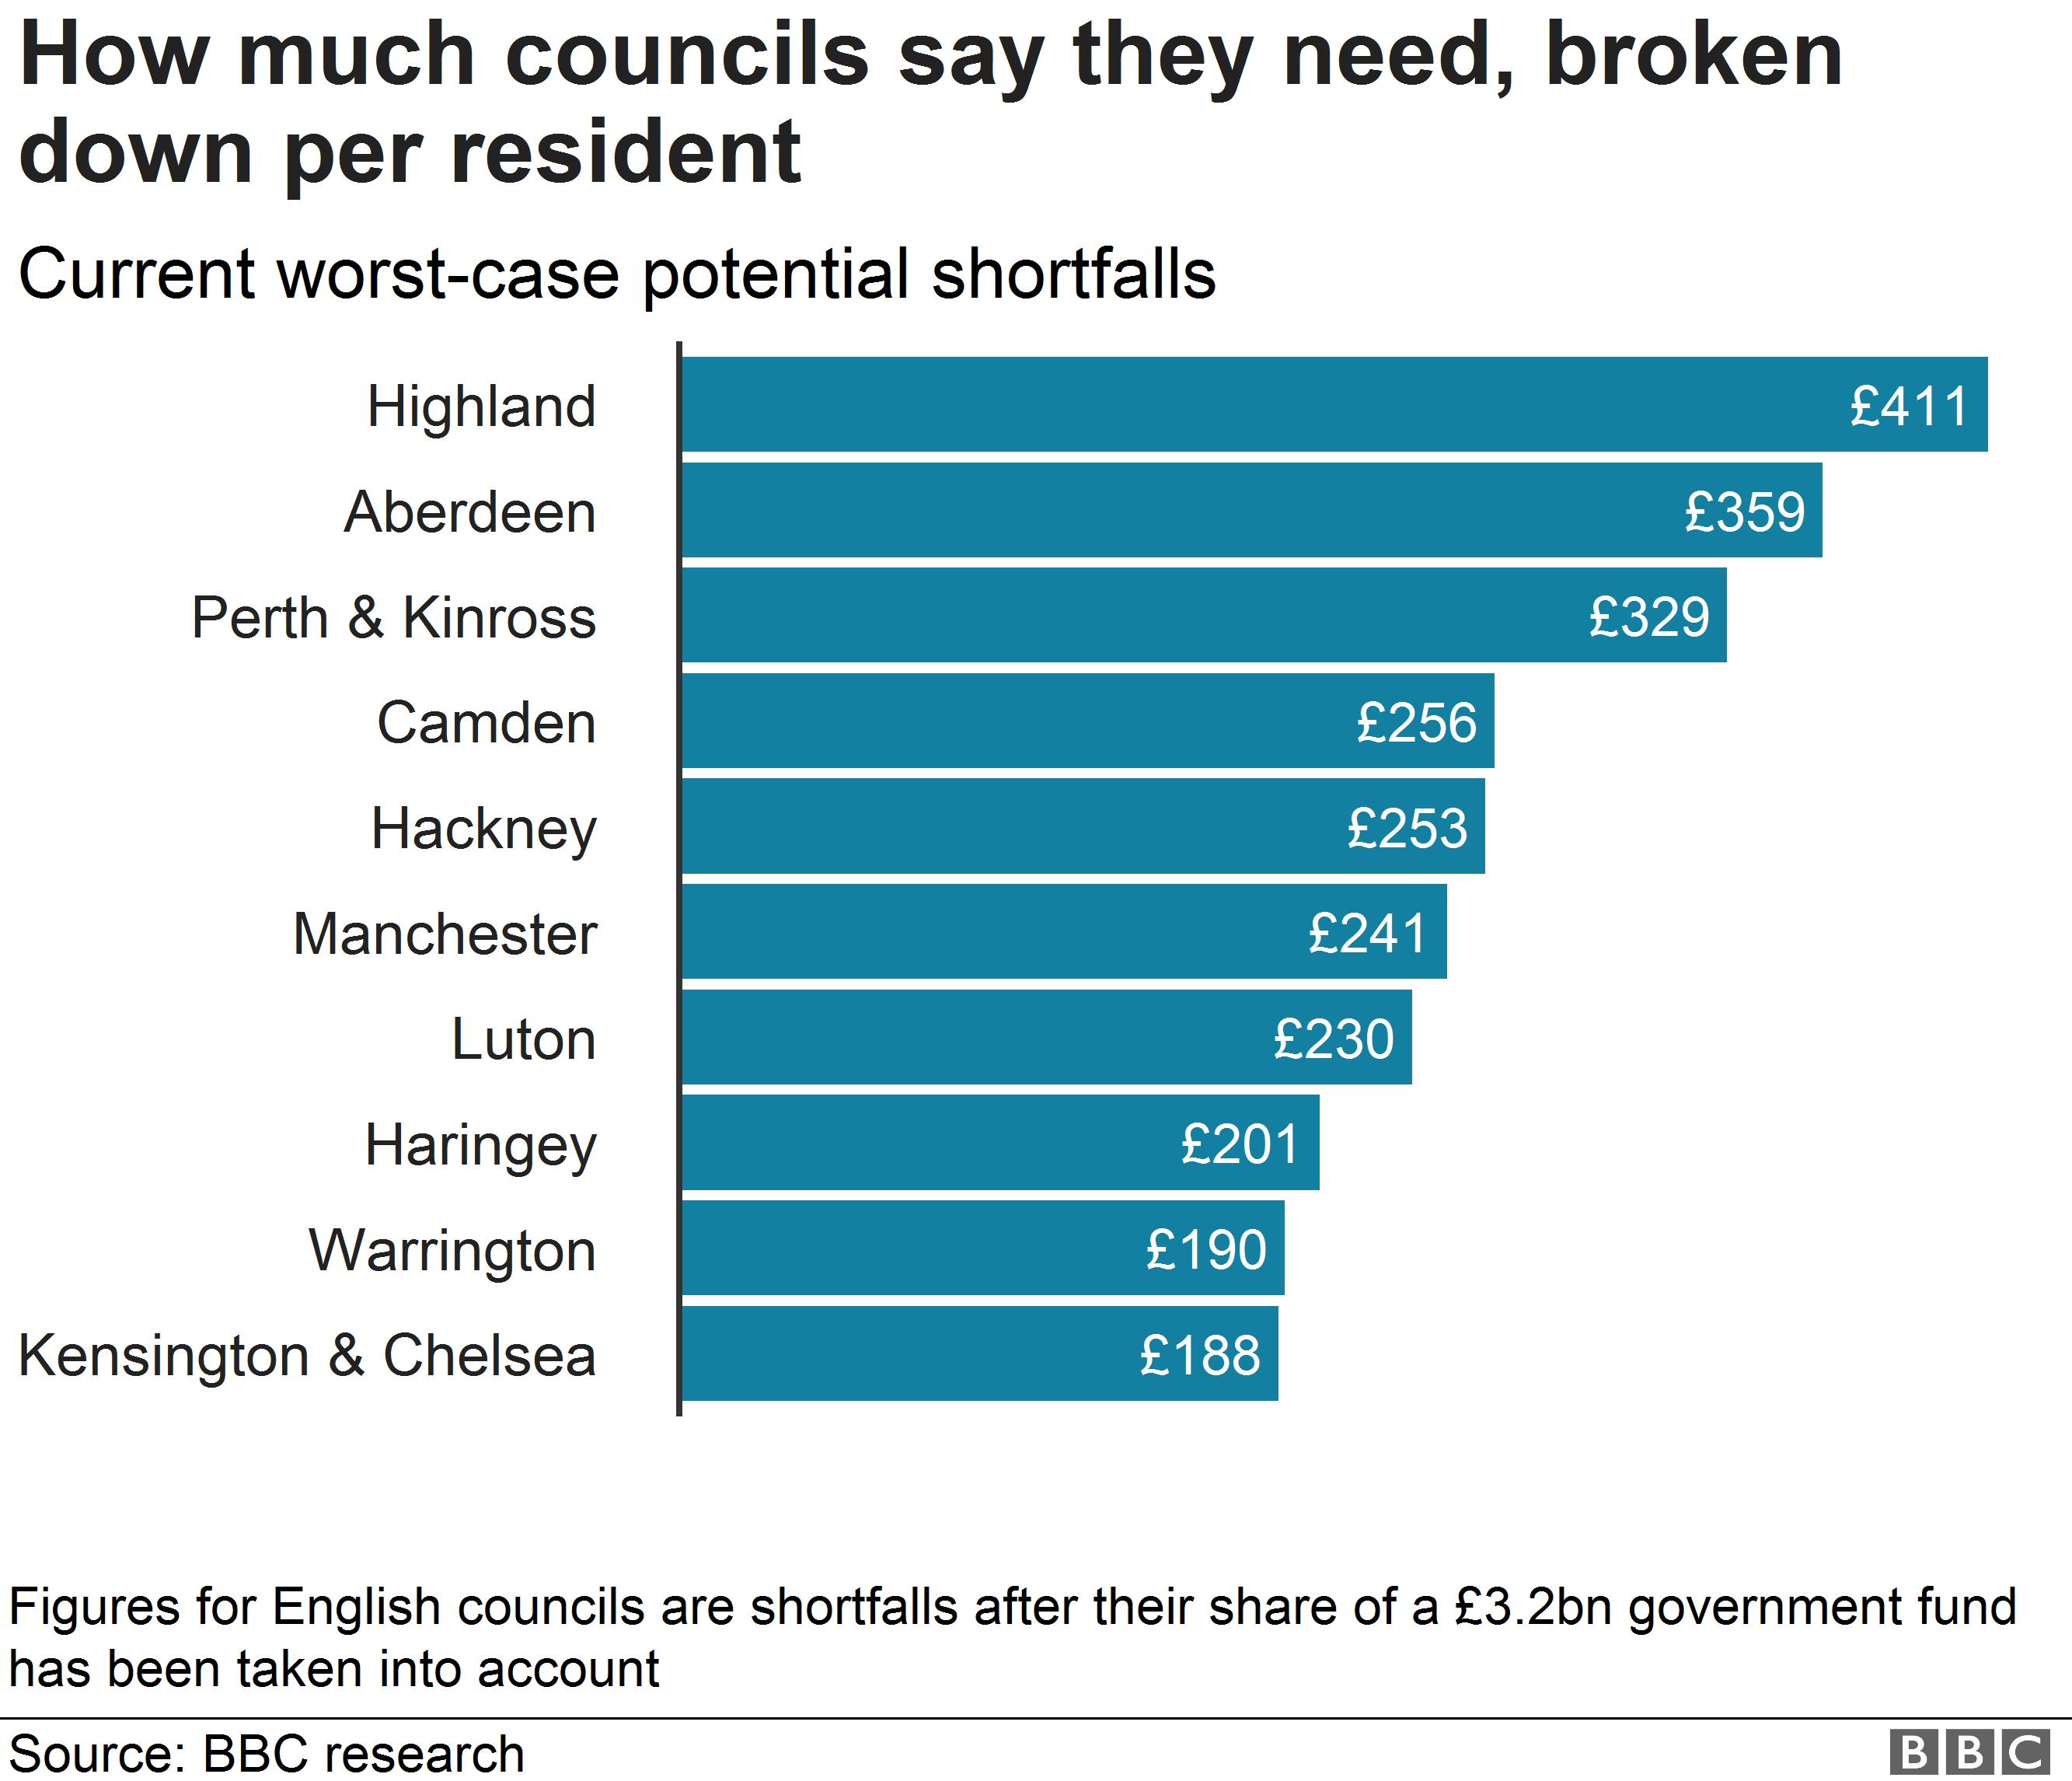 Council shortfalls per resident